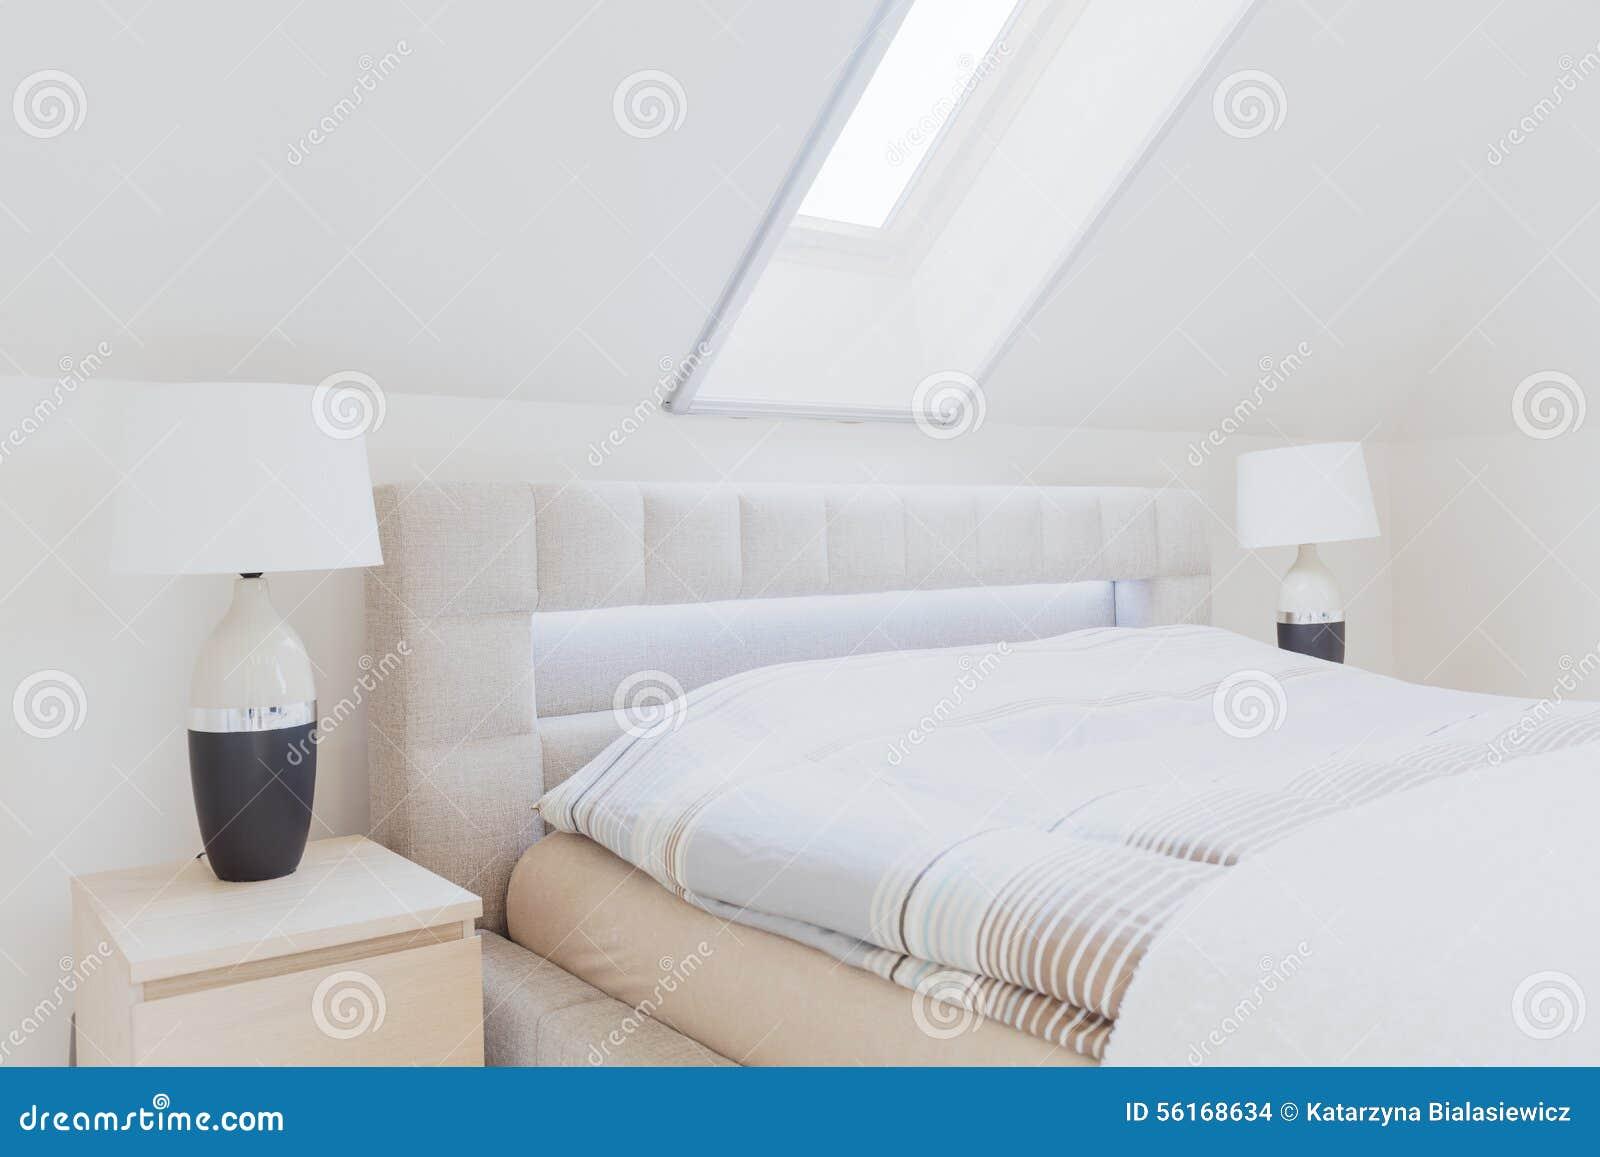 Slaapkamer Op Zolder : Slaapkamer in de zolder stock foto afbeelding bestaande uit